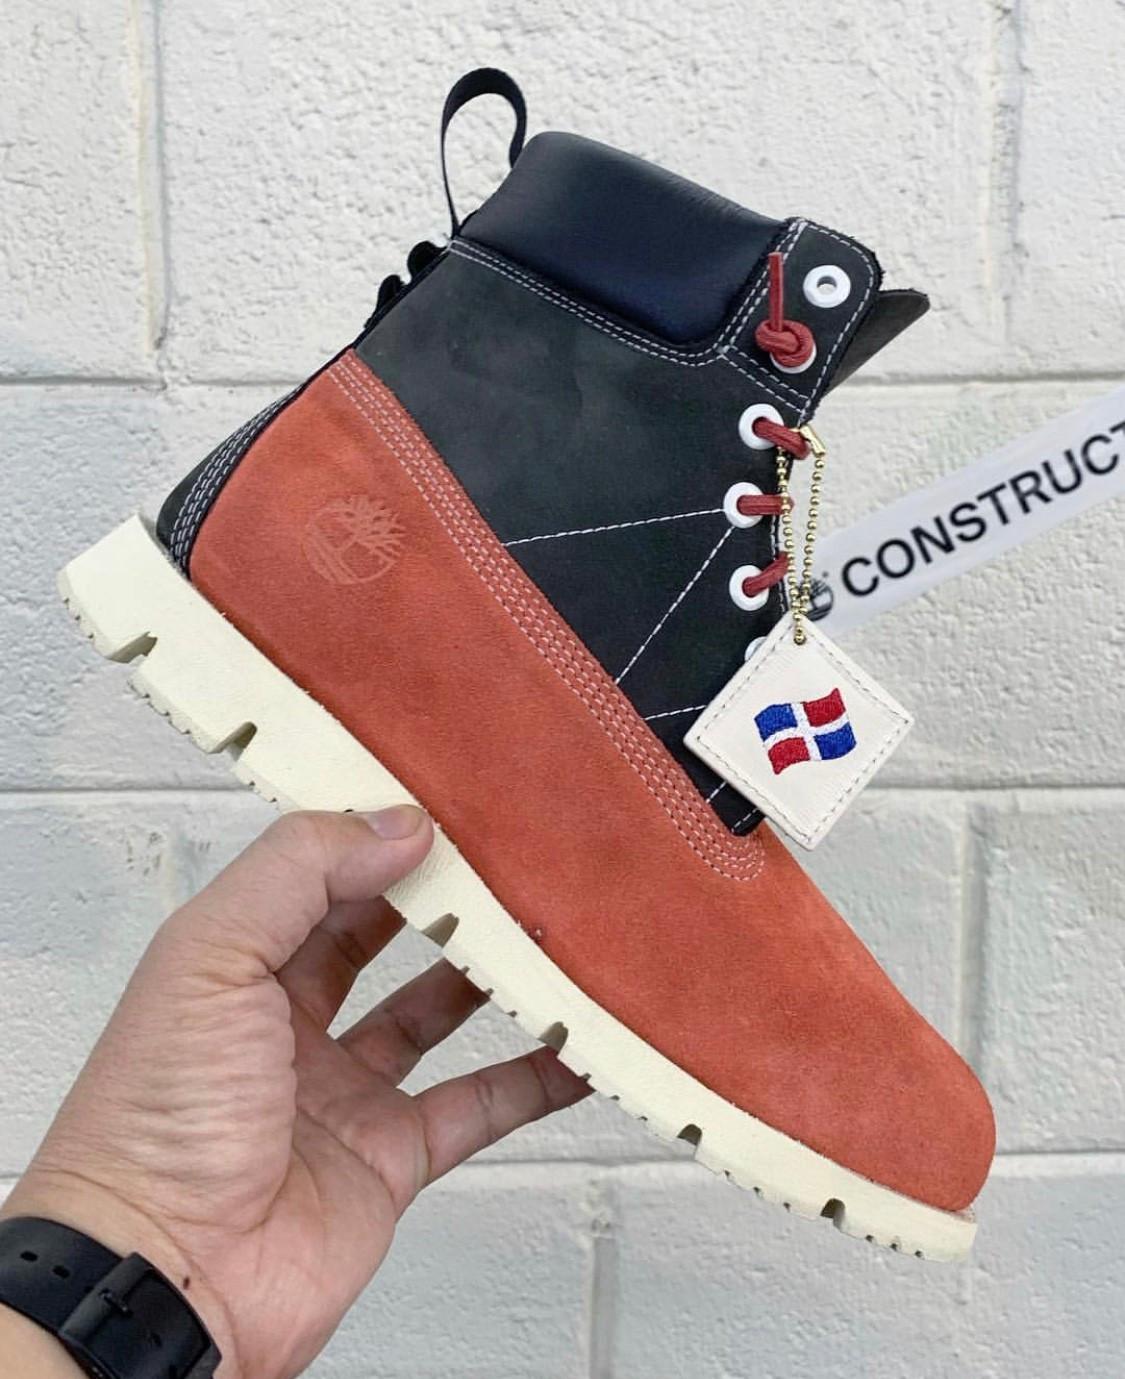 《完虐Supreme系列?? Jeff Staple和多个Timberland联手推出最佳鞋履首发!》